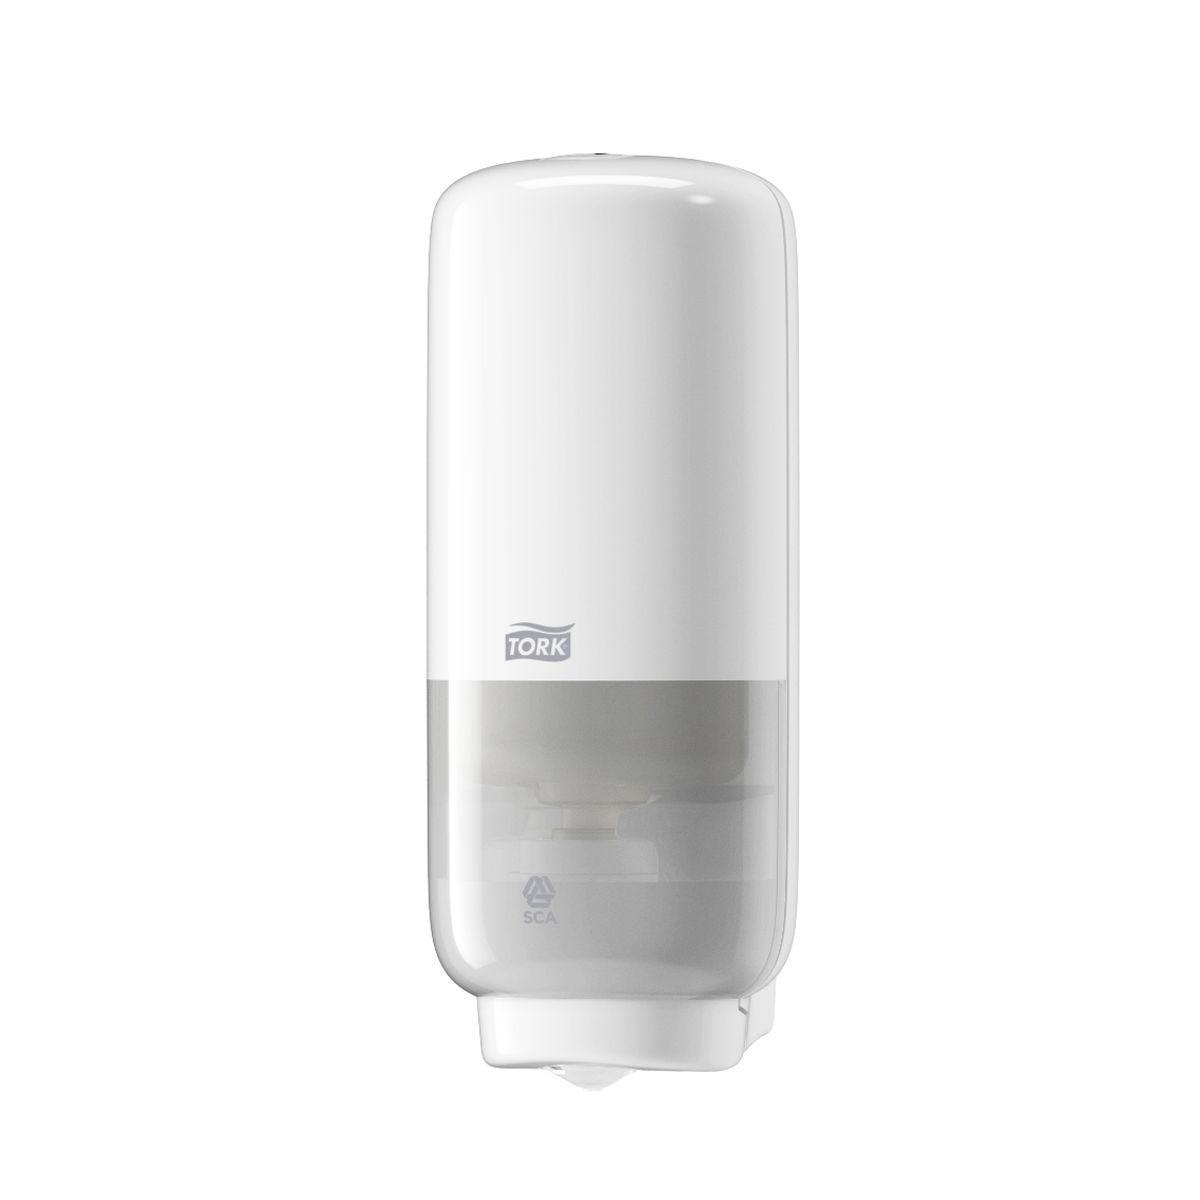 Диспенсер для мыла Tork, цвет: белый. 561600561600Система S4 - Жидкое Мыло-пена Диспенсеры серии Tork Elevation удачно сочетают стильный дизайн и функциональность, и подходят для любых туалетных комнат. Изготовлены из ударопрочного пластика ABS • Работают на картриджах мыла-пены Tork системы S4 • Сенсорный механизм подачи мыла • Цветовые индикаторы расхода картриджа и заряда батареи • Перезаправка за несколько секунд • Дозирует 0,4мл мыла-пены